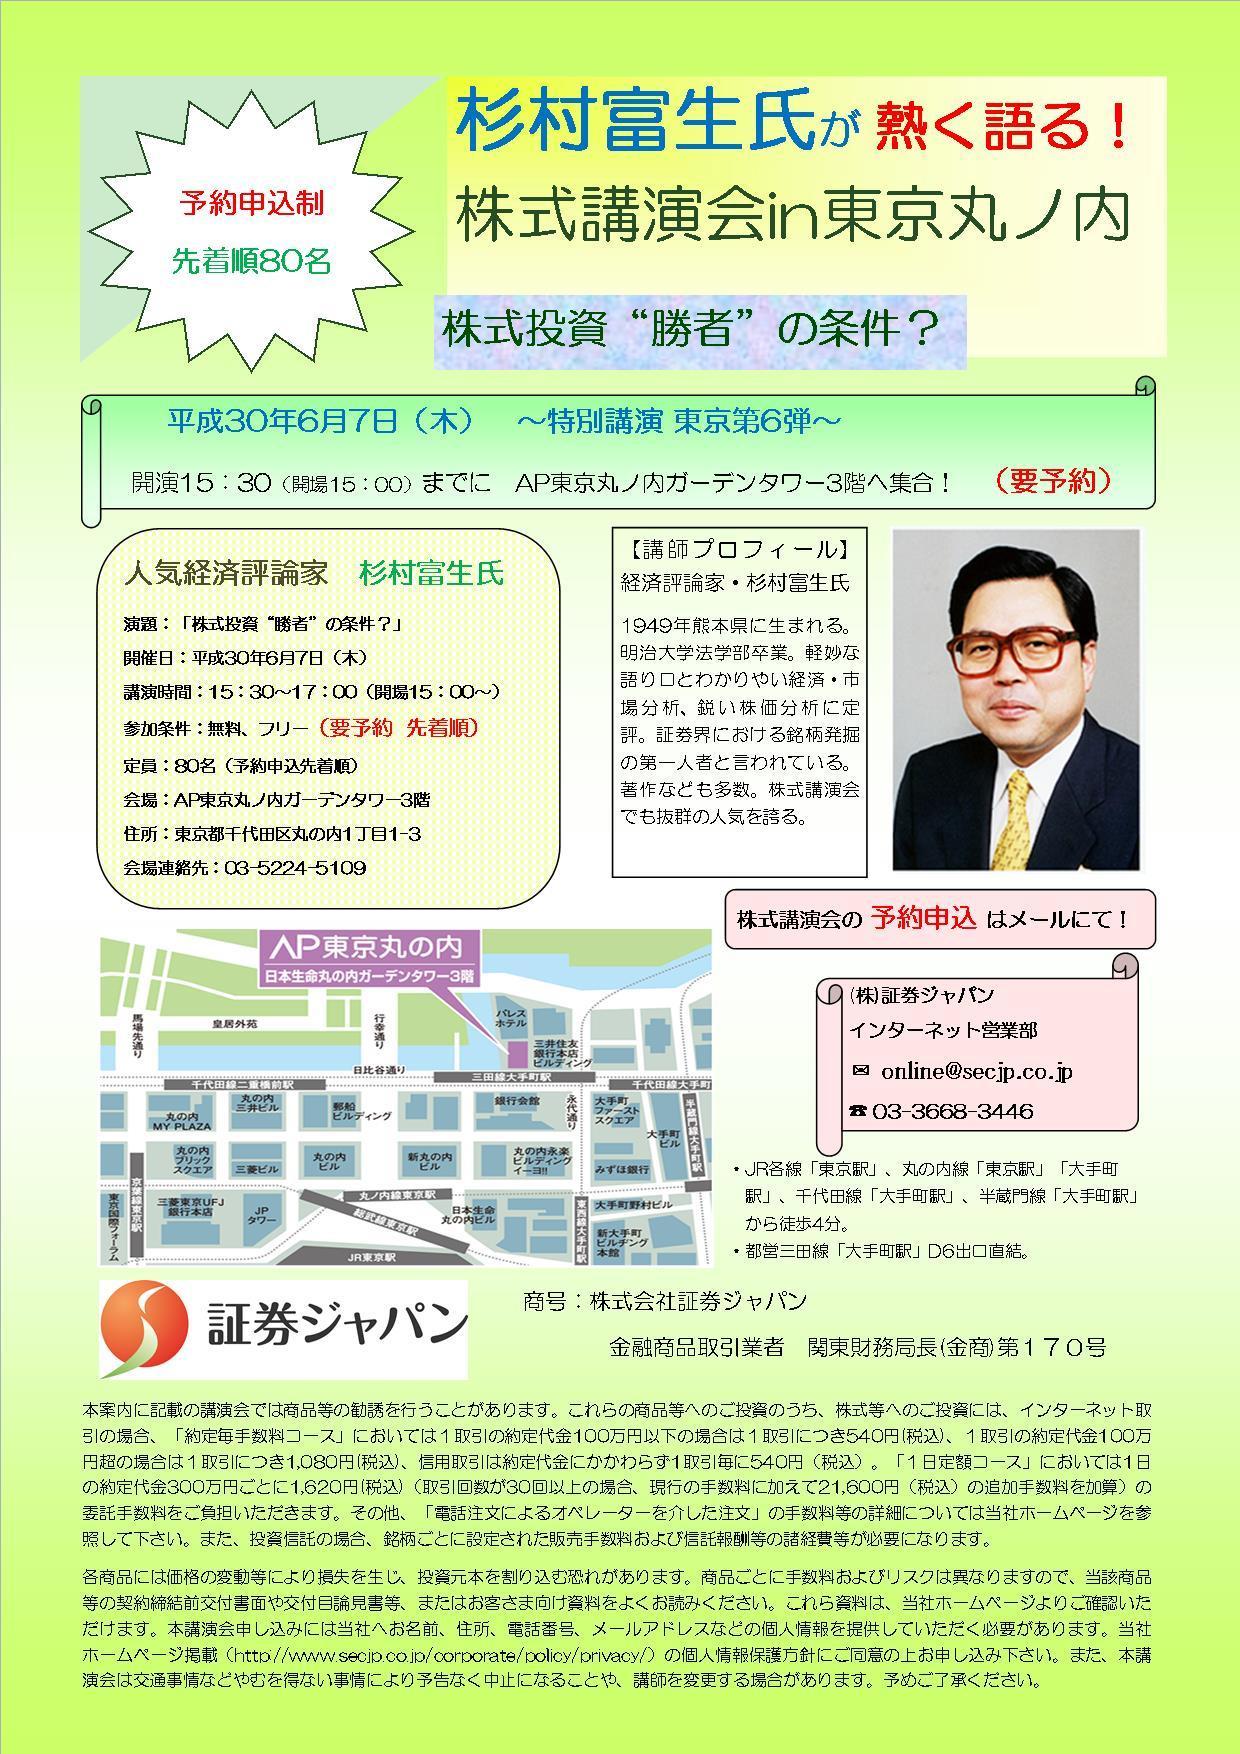 講演会チラシ20180607 プロフィール変更版.jpg